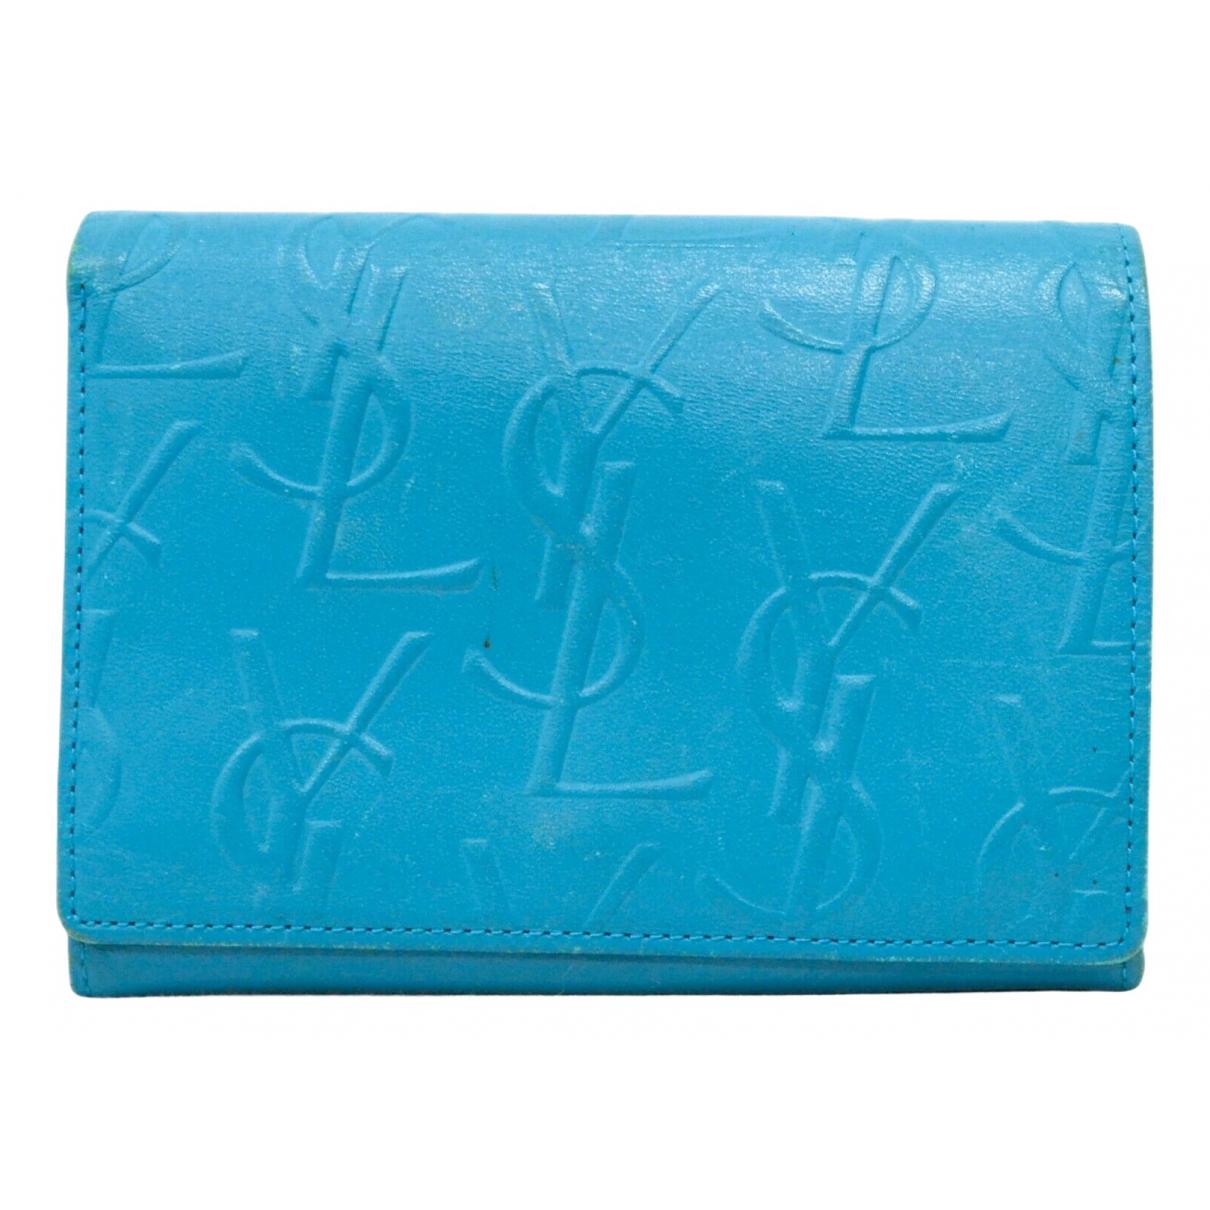 Yves Saint Laurent - Portefeuille   pour femme en cuir - bleu